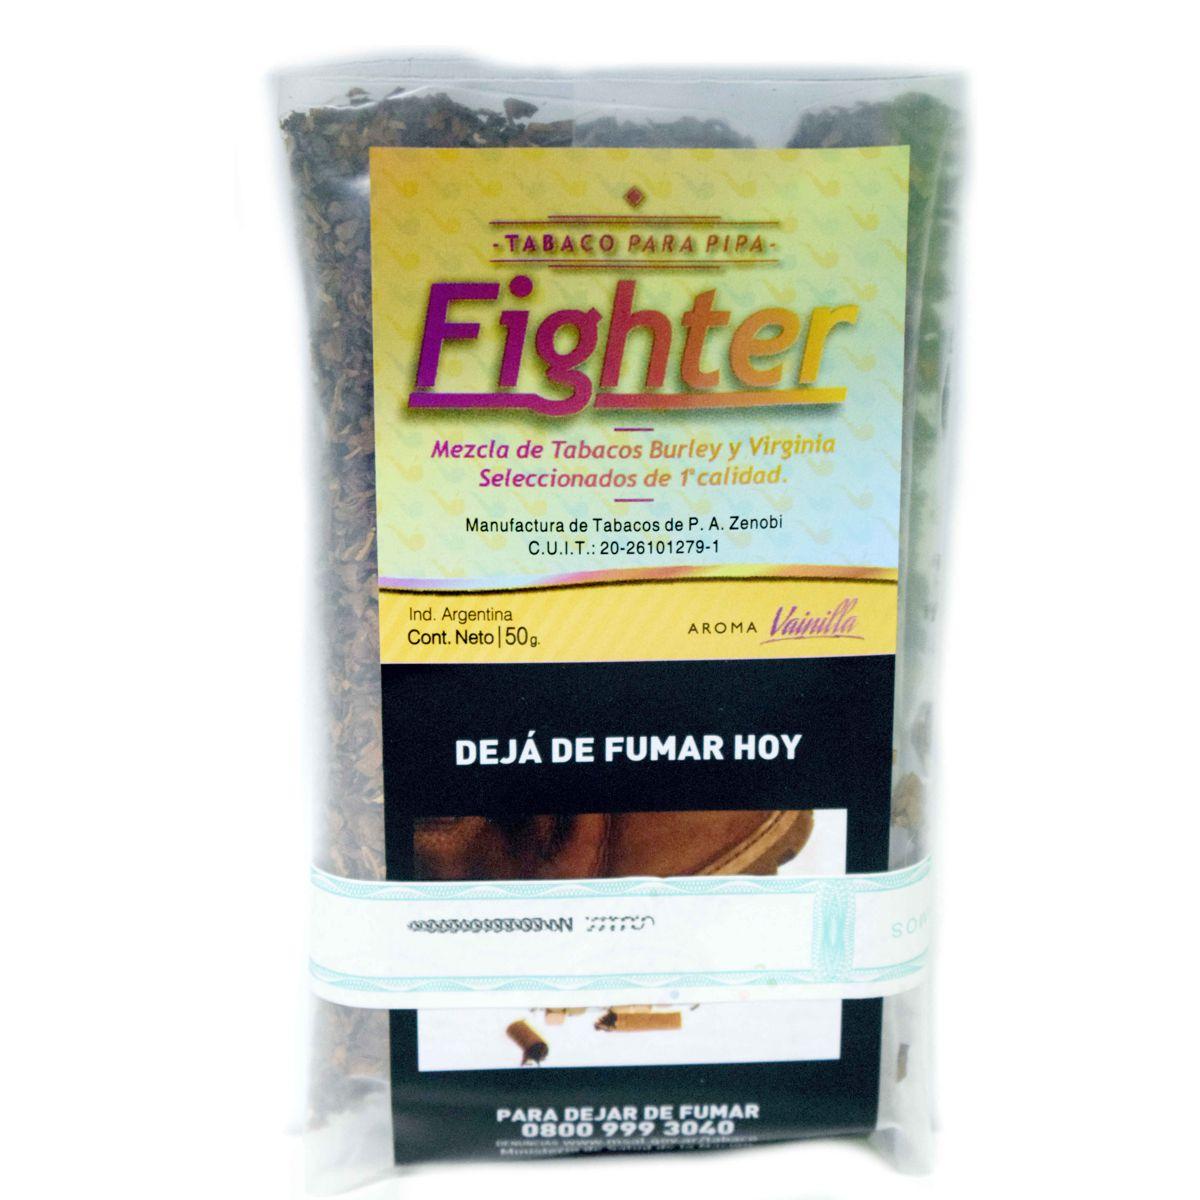 tabaco pipa fighter vainilla precio